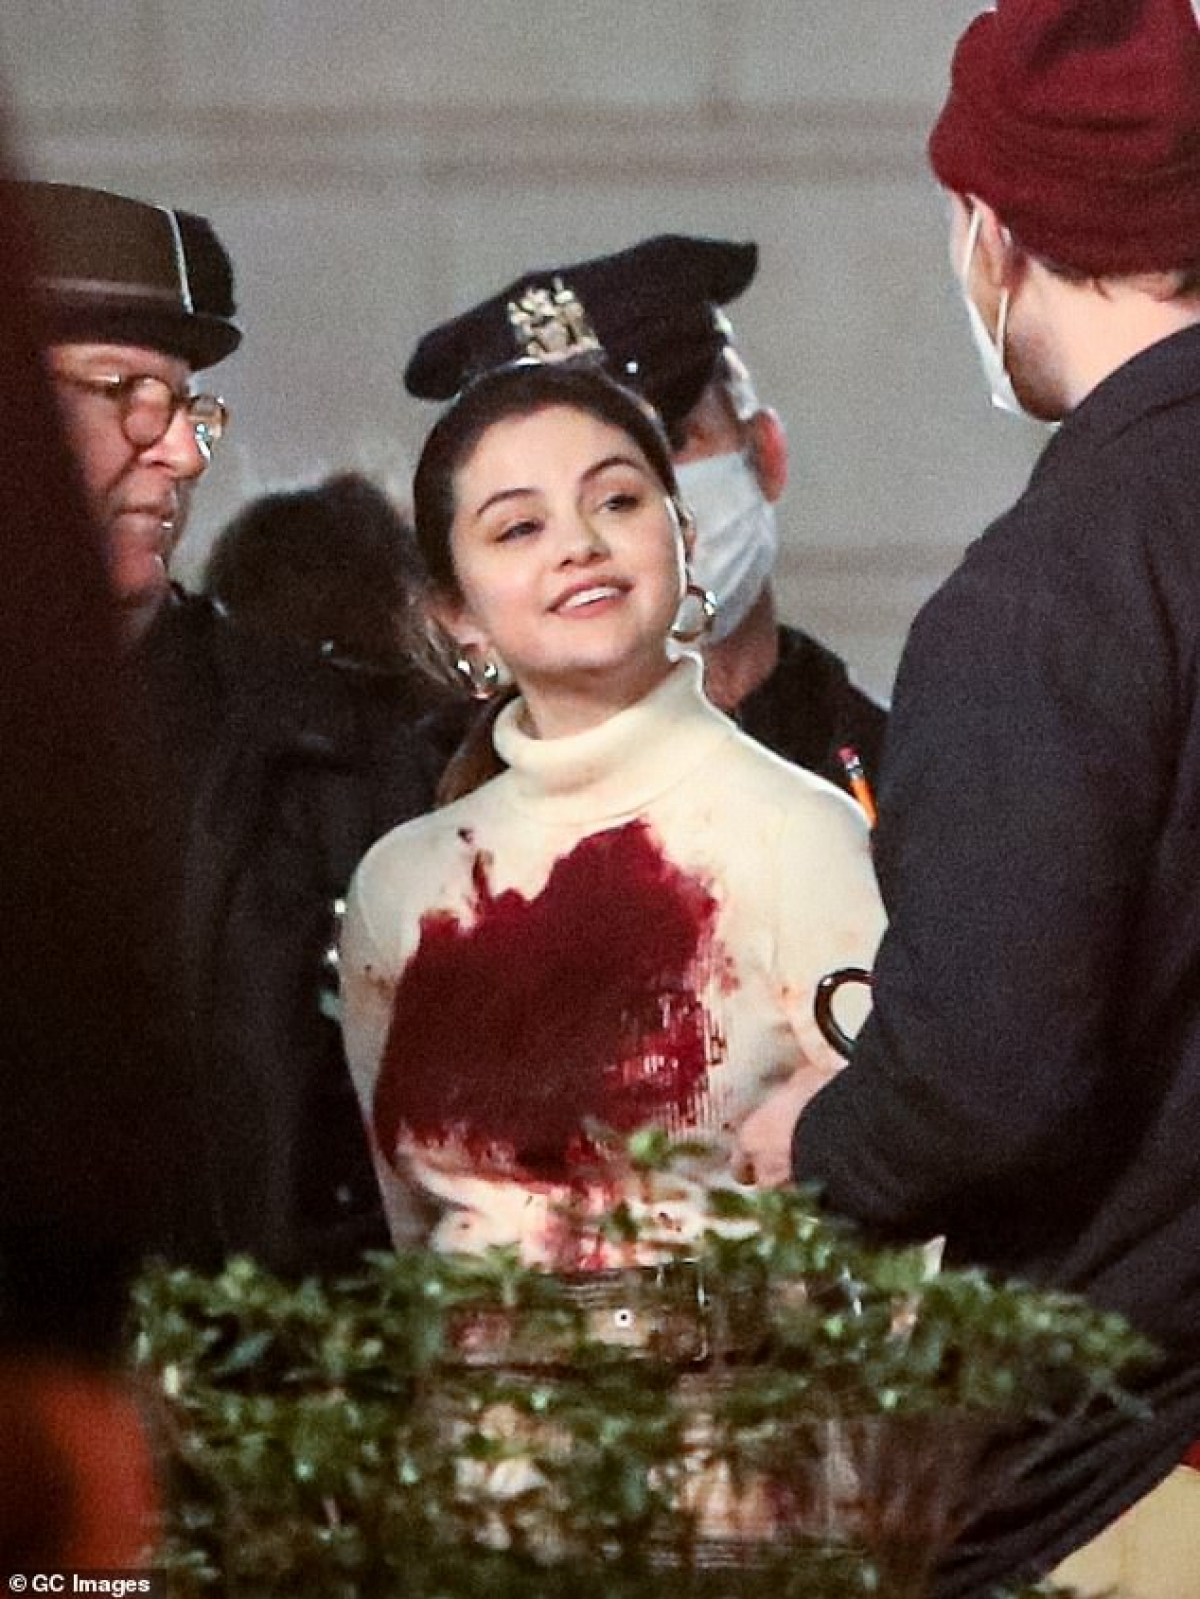 Trong phân đoạn này, nhân vật của Selena Gomez bị cảnh sát còng tay và áp giải. Lúc này, cảnh sát đang thực hiện nhiệm vụ vây nghi phạm giết người ở tòa chung cư tại thành phố New York (Mỹ).